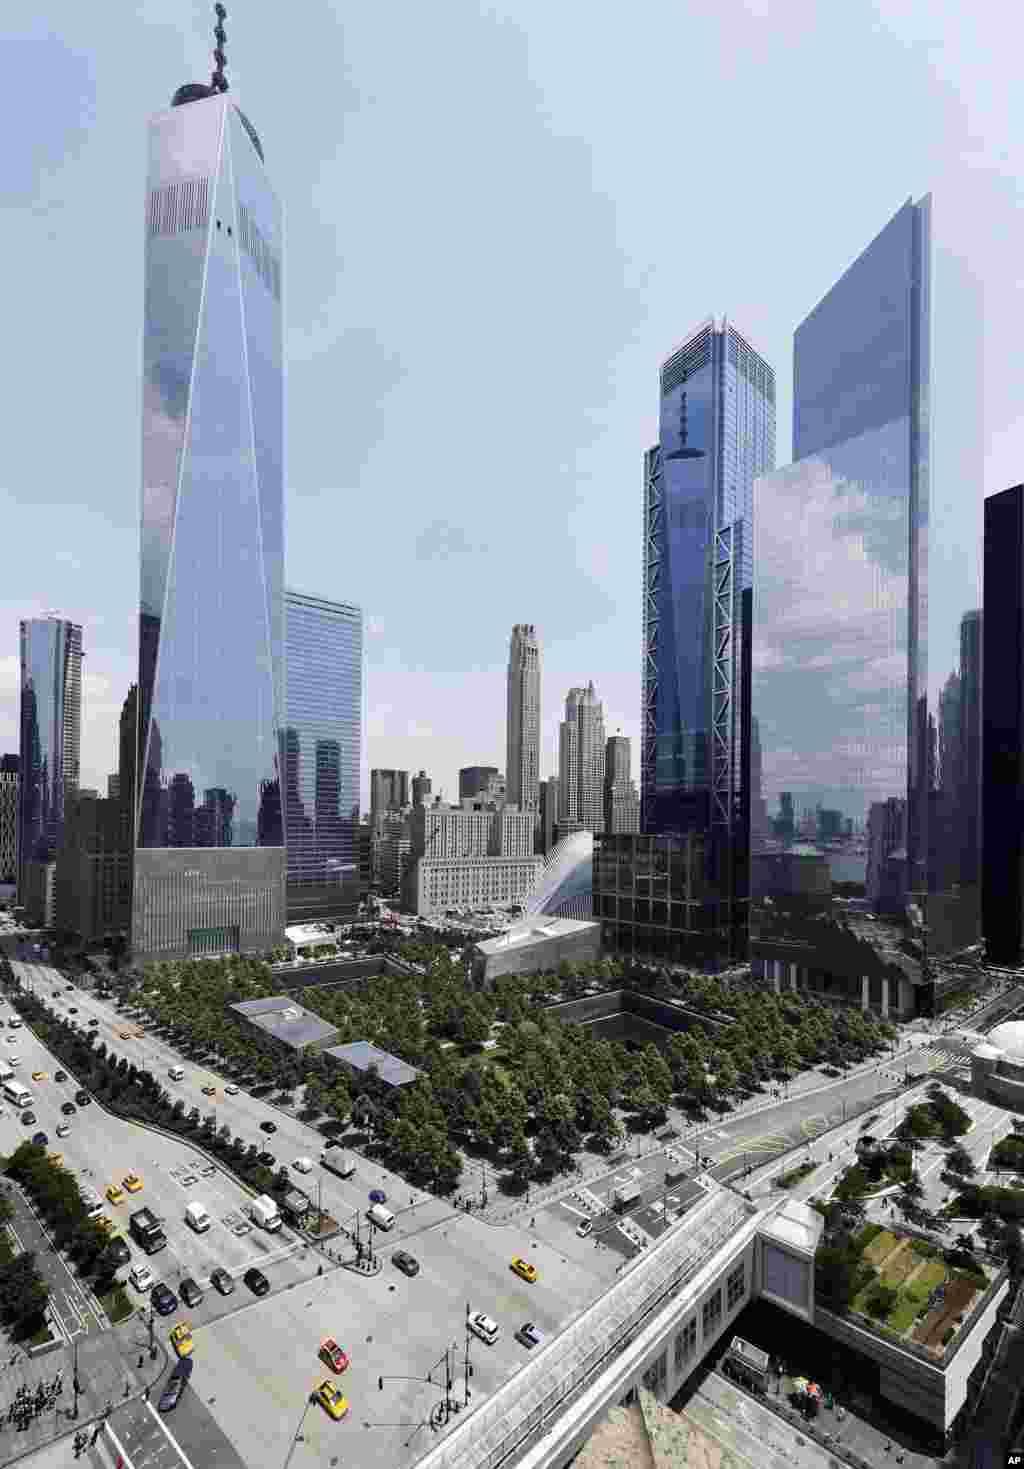 En esta foto del 8 de junio de 2018, 3 World Trade Center, segundo desde la derecha, se une a sus vecinos One World Trade Center, a la izquierda, y 4 World Trade Center, a la derecha, al 11 de septiembre Memorial and Museum en Nueva York. (Foto AP / Mark Lennihan)